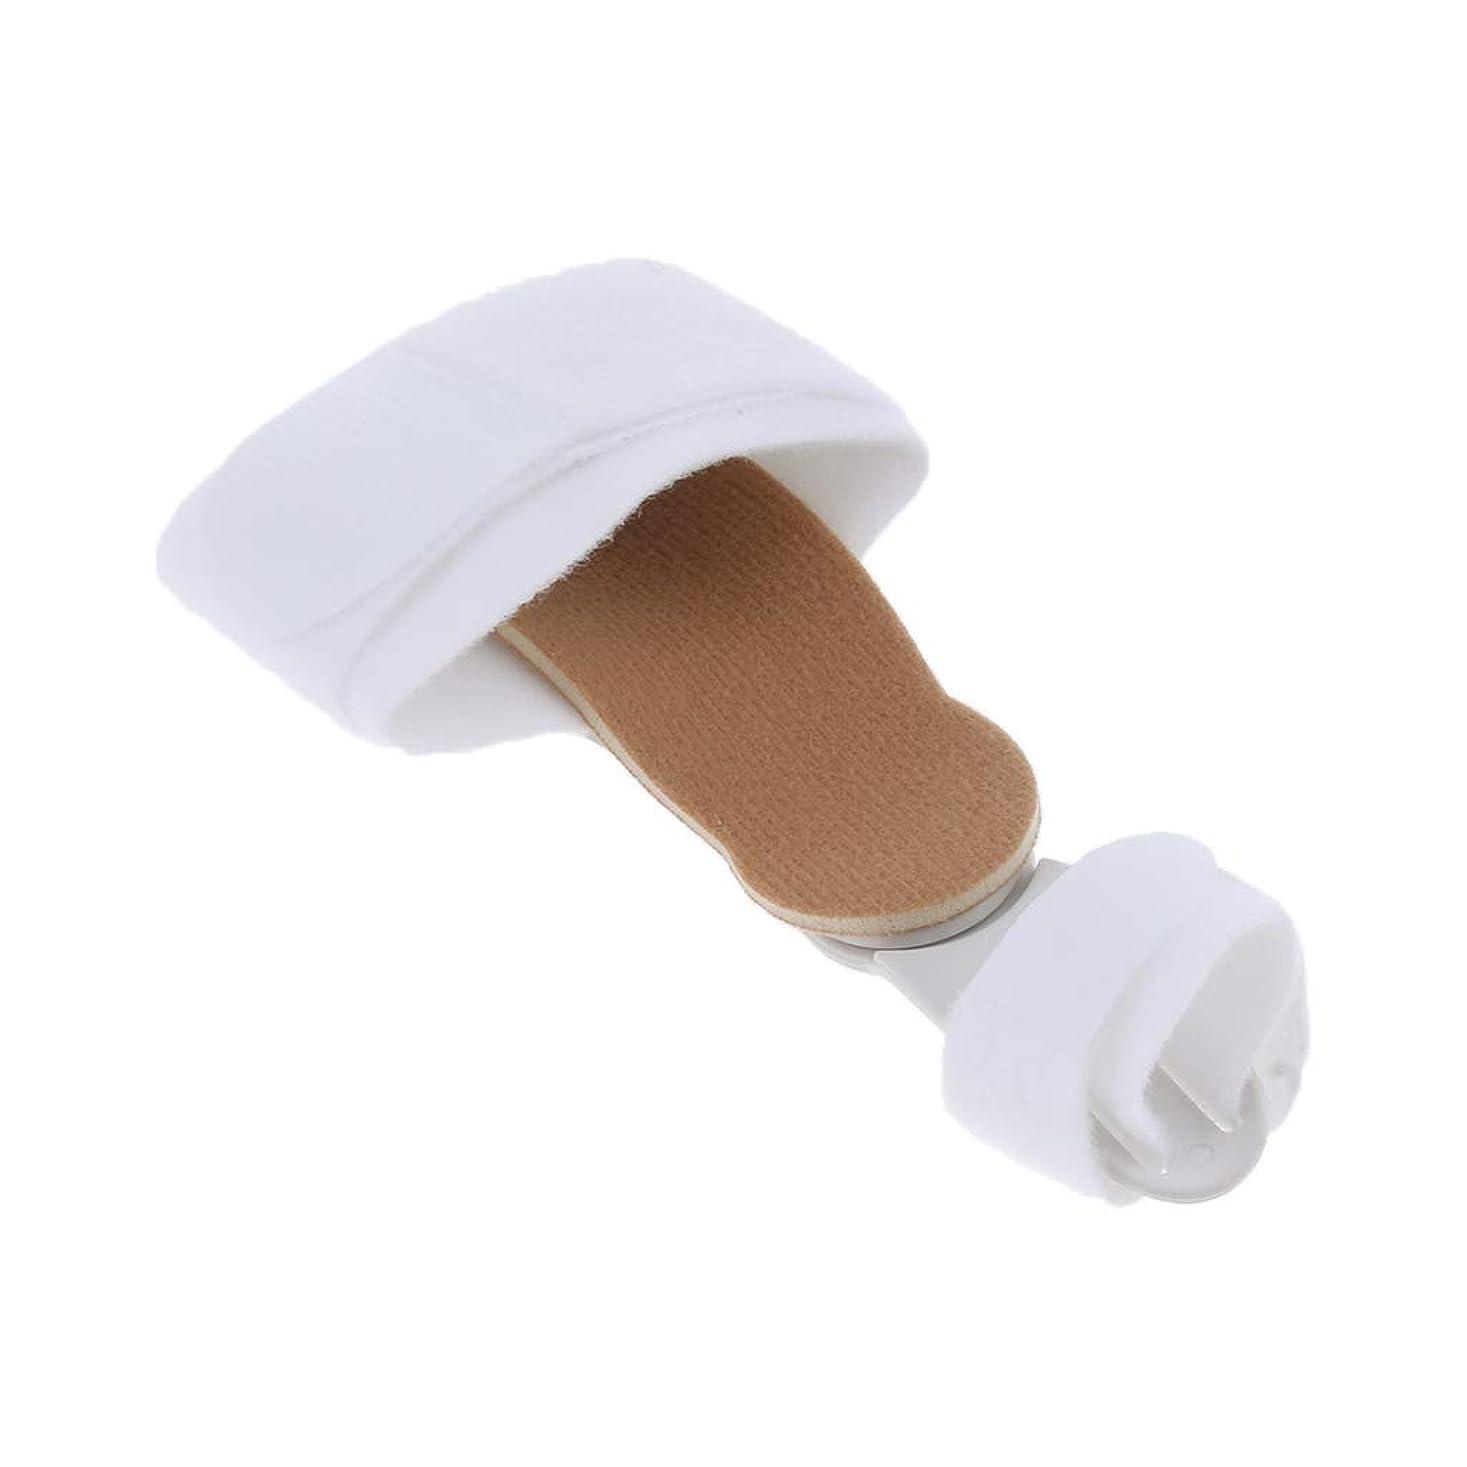 論争の的痴漢複雑でないFLAMEER 親指サポーター 外反母趾サポーター 足指保護 男女用 痛み緩和 調節可能